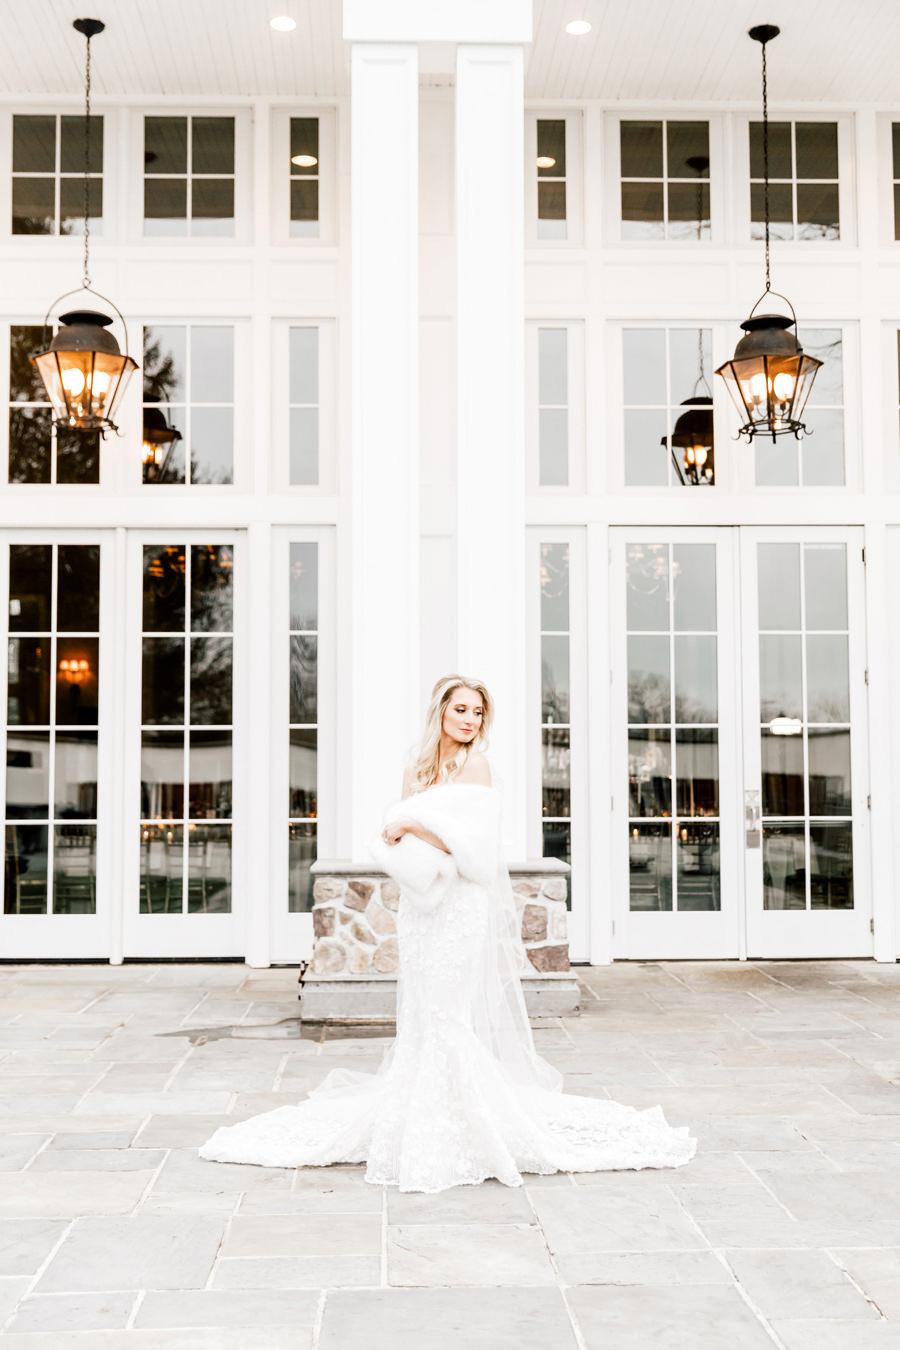 Wedding Photographer Anastasiiaphotography